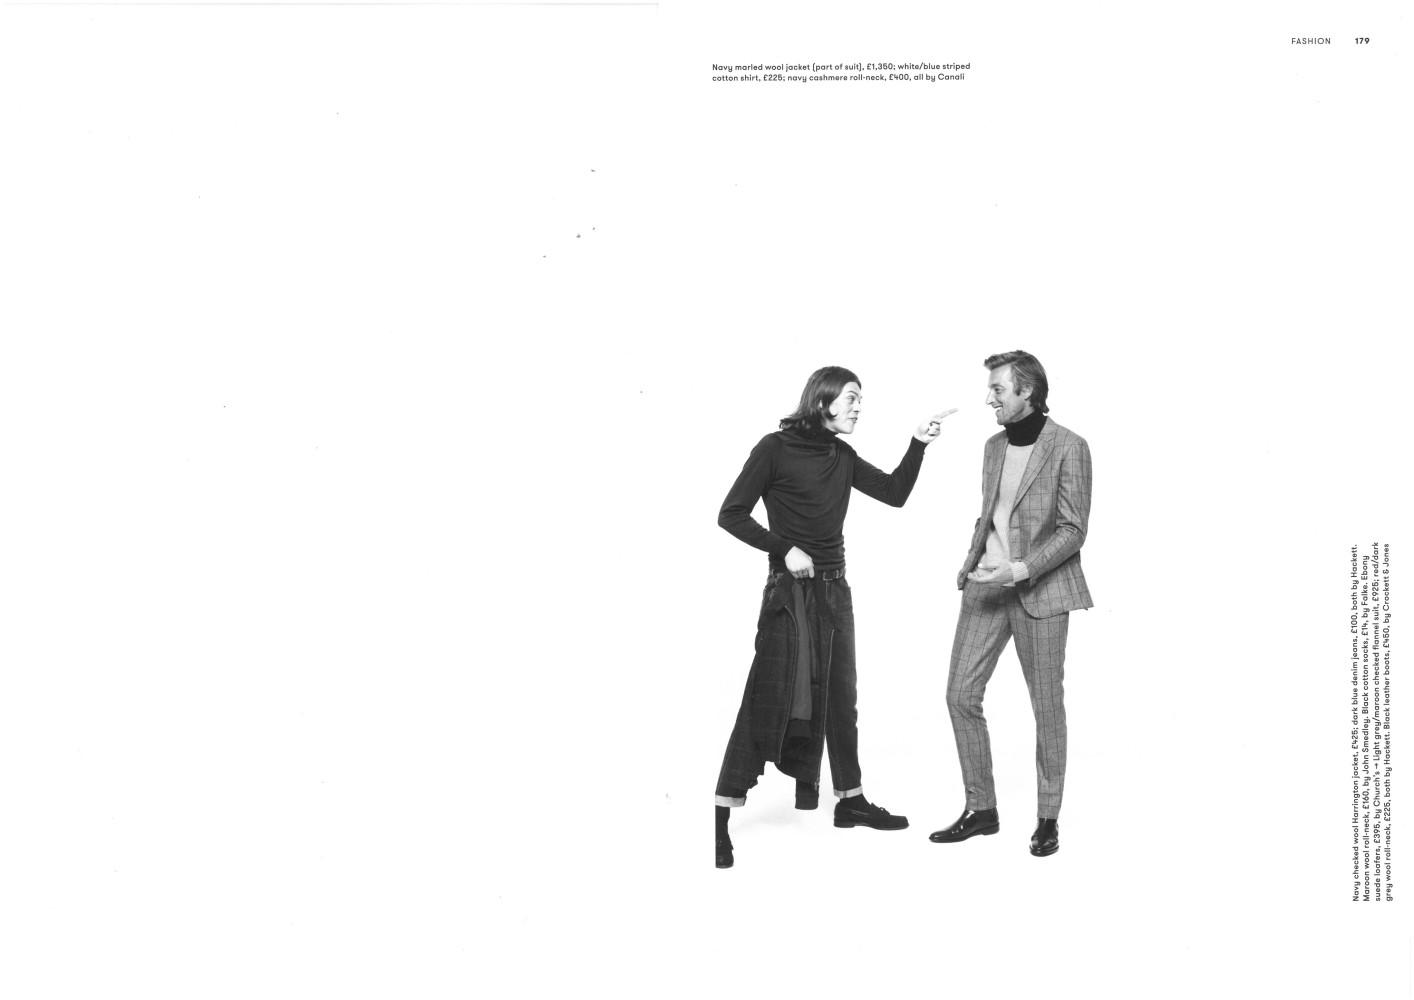 Joel Frampton, Andy Nordin & Glen Power : Esquire